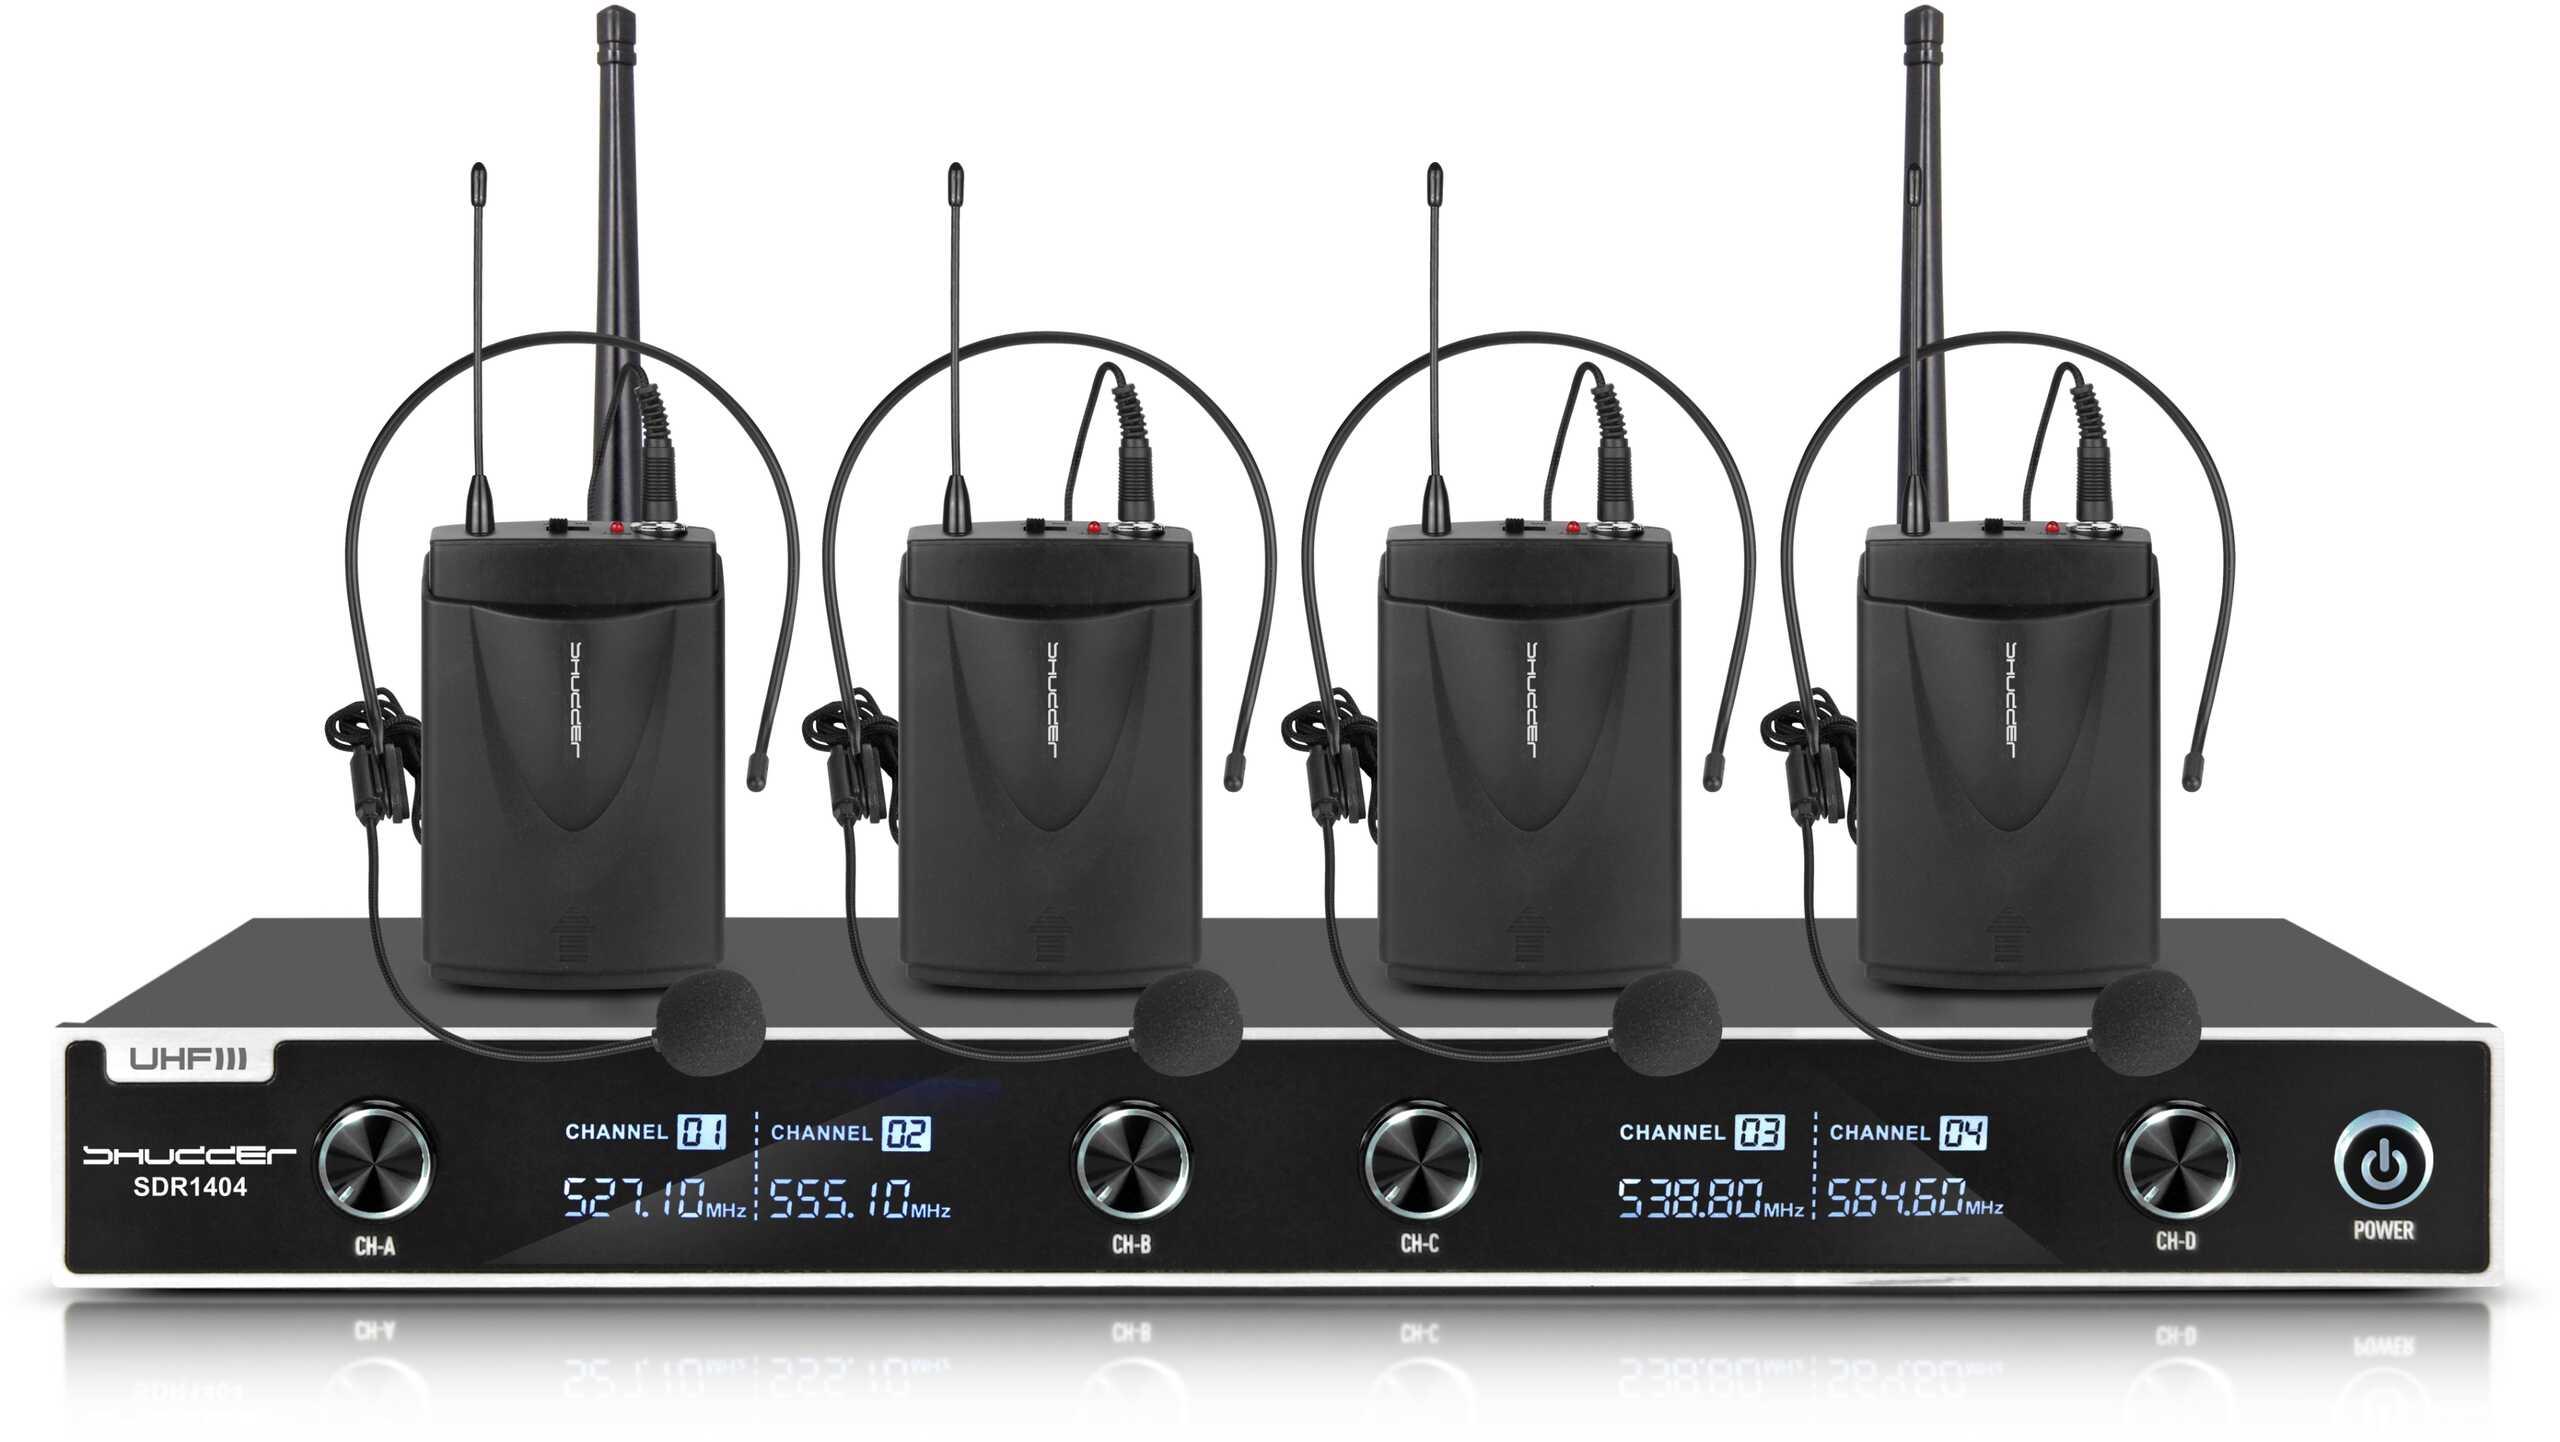 Mikrofony bezprzewodowe Shudder 4 nagłowne + klips